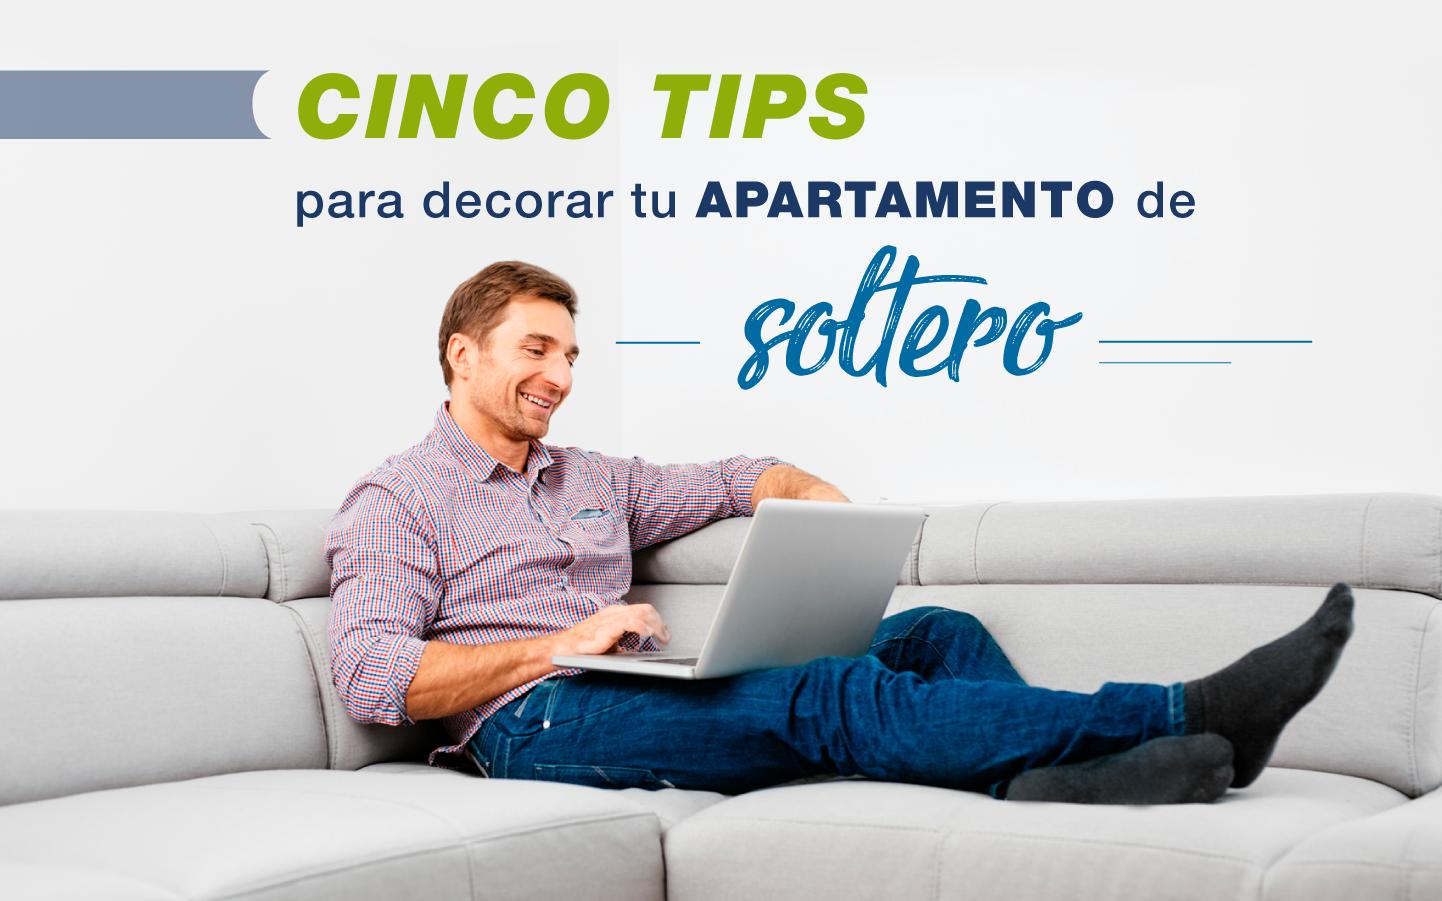 CINCO TIPS PARA DECORAR TU APARTAMENTO DE SOLTERO